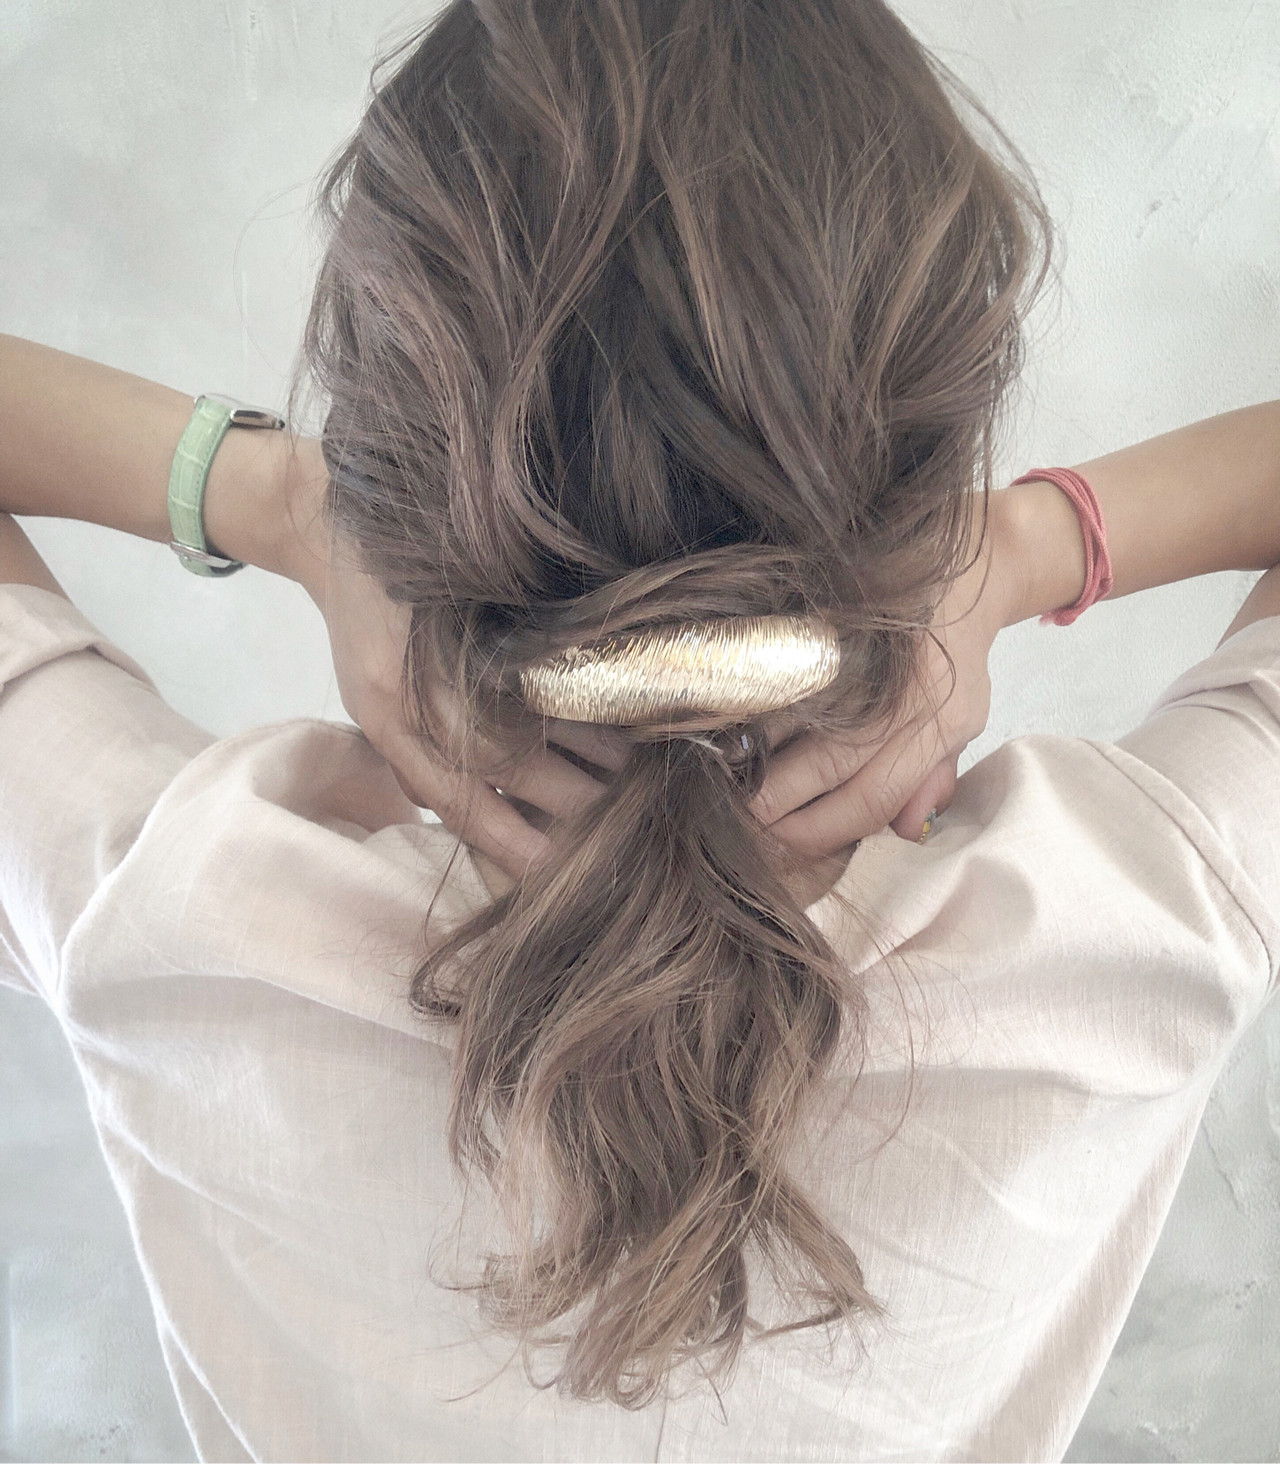 成人式 ガーリー 簡単ヘアアレンジ 結婚式 ヘアスタイルや髪型の写真・画像